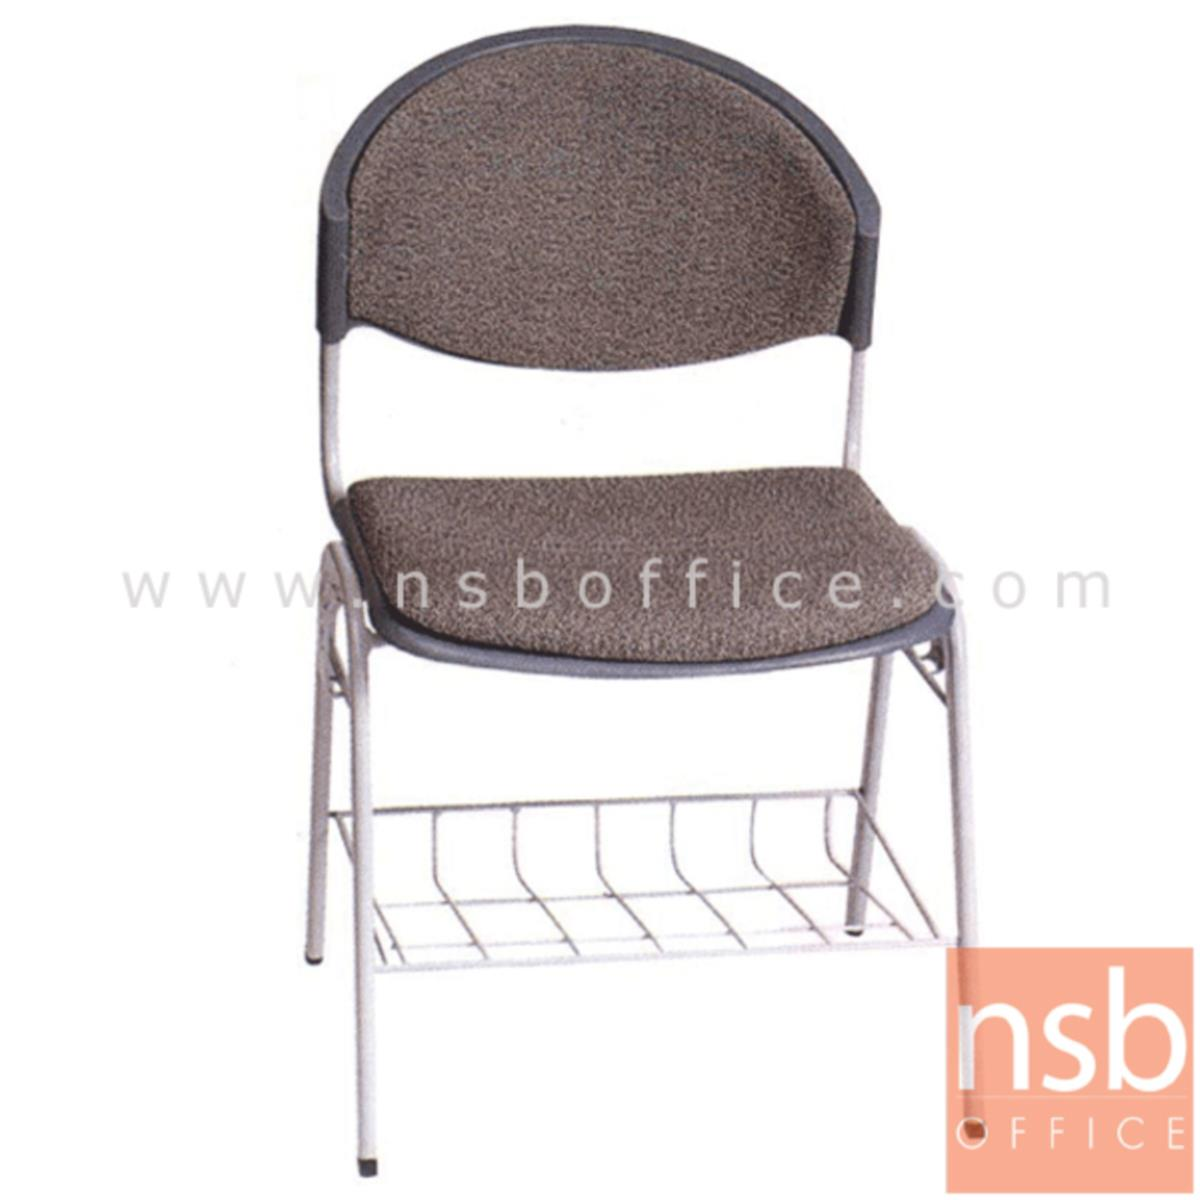 เก้าอี้อเนกประสงค์เฟรมโพลี่ รุ่น TD-780  มีตะแกรงล่าง มีที่เกี่ยวด้านข้าง ขาเหล็ก